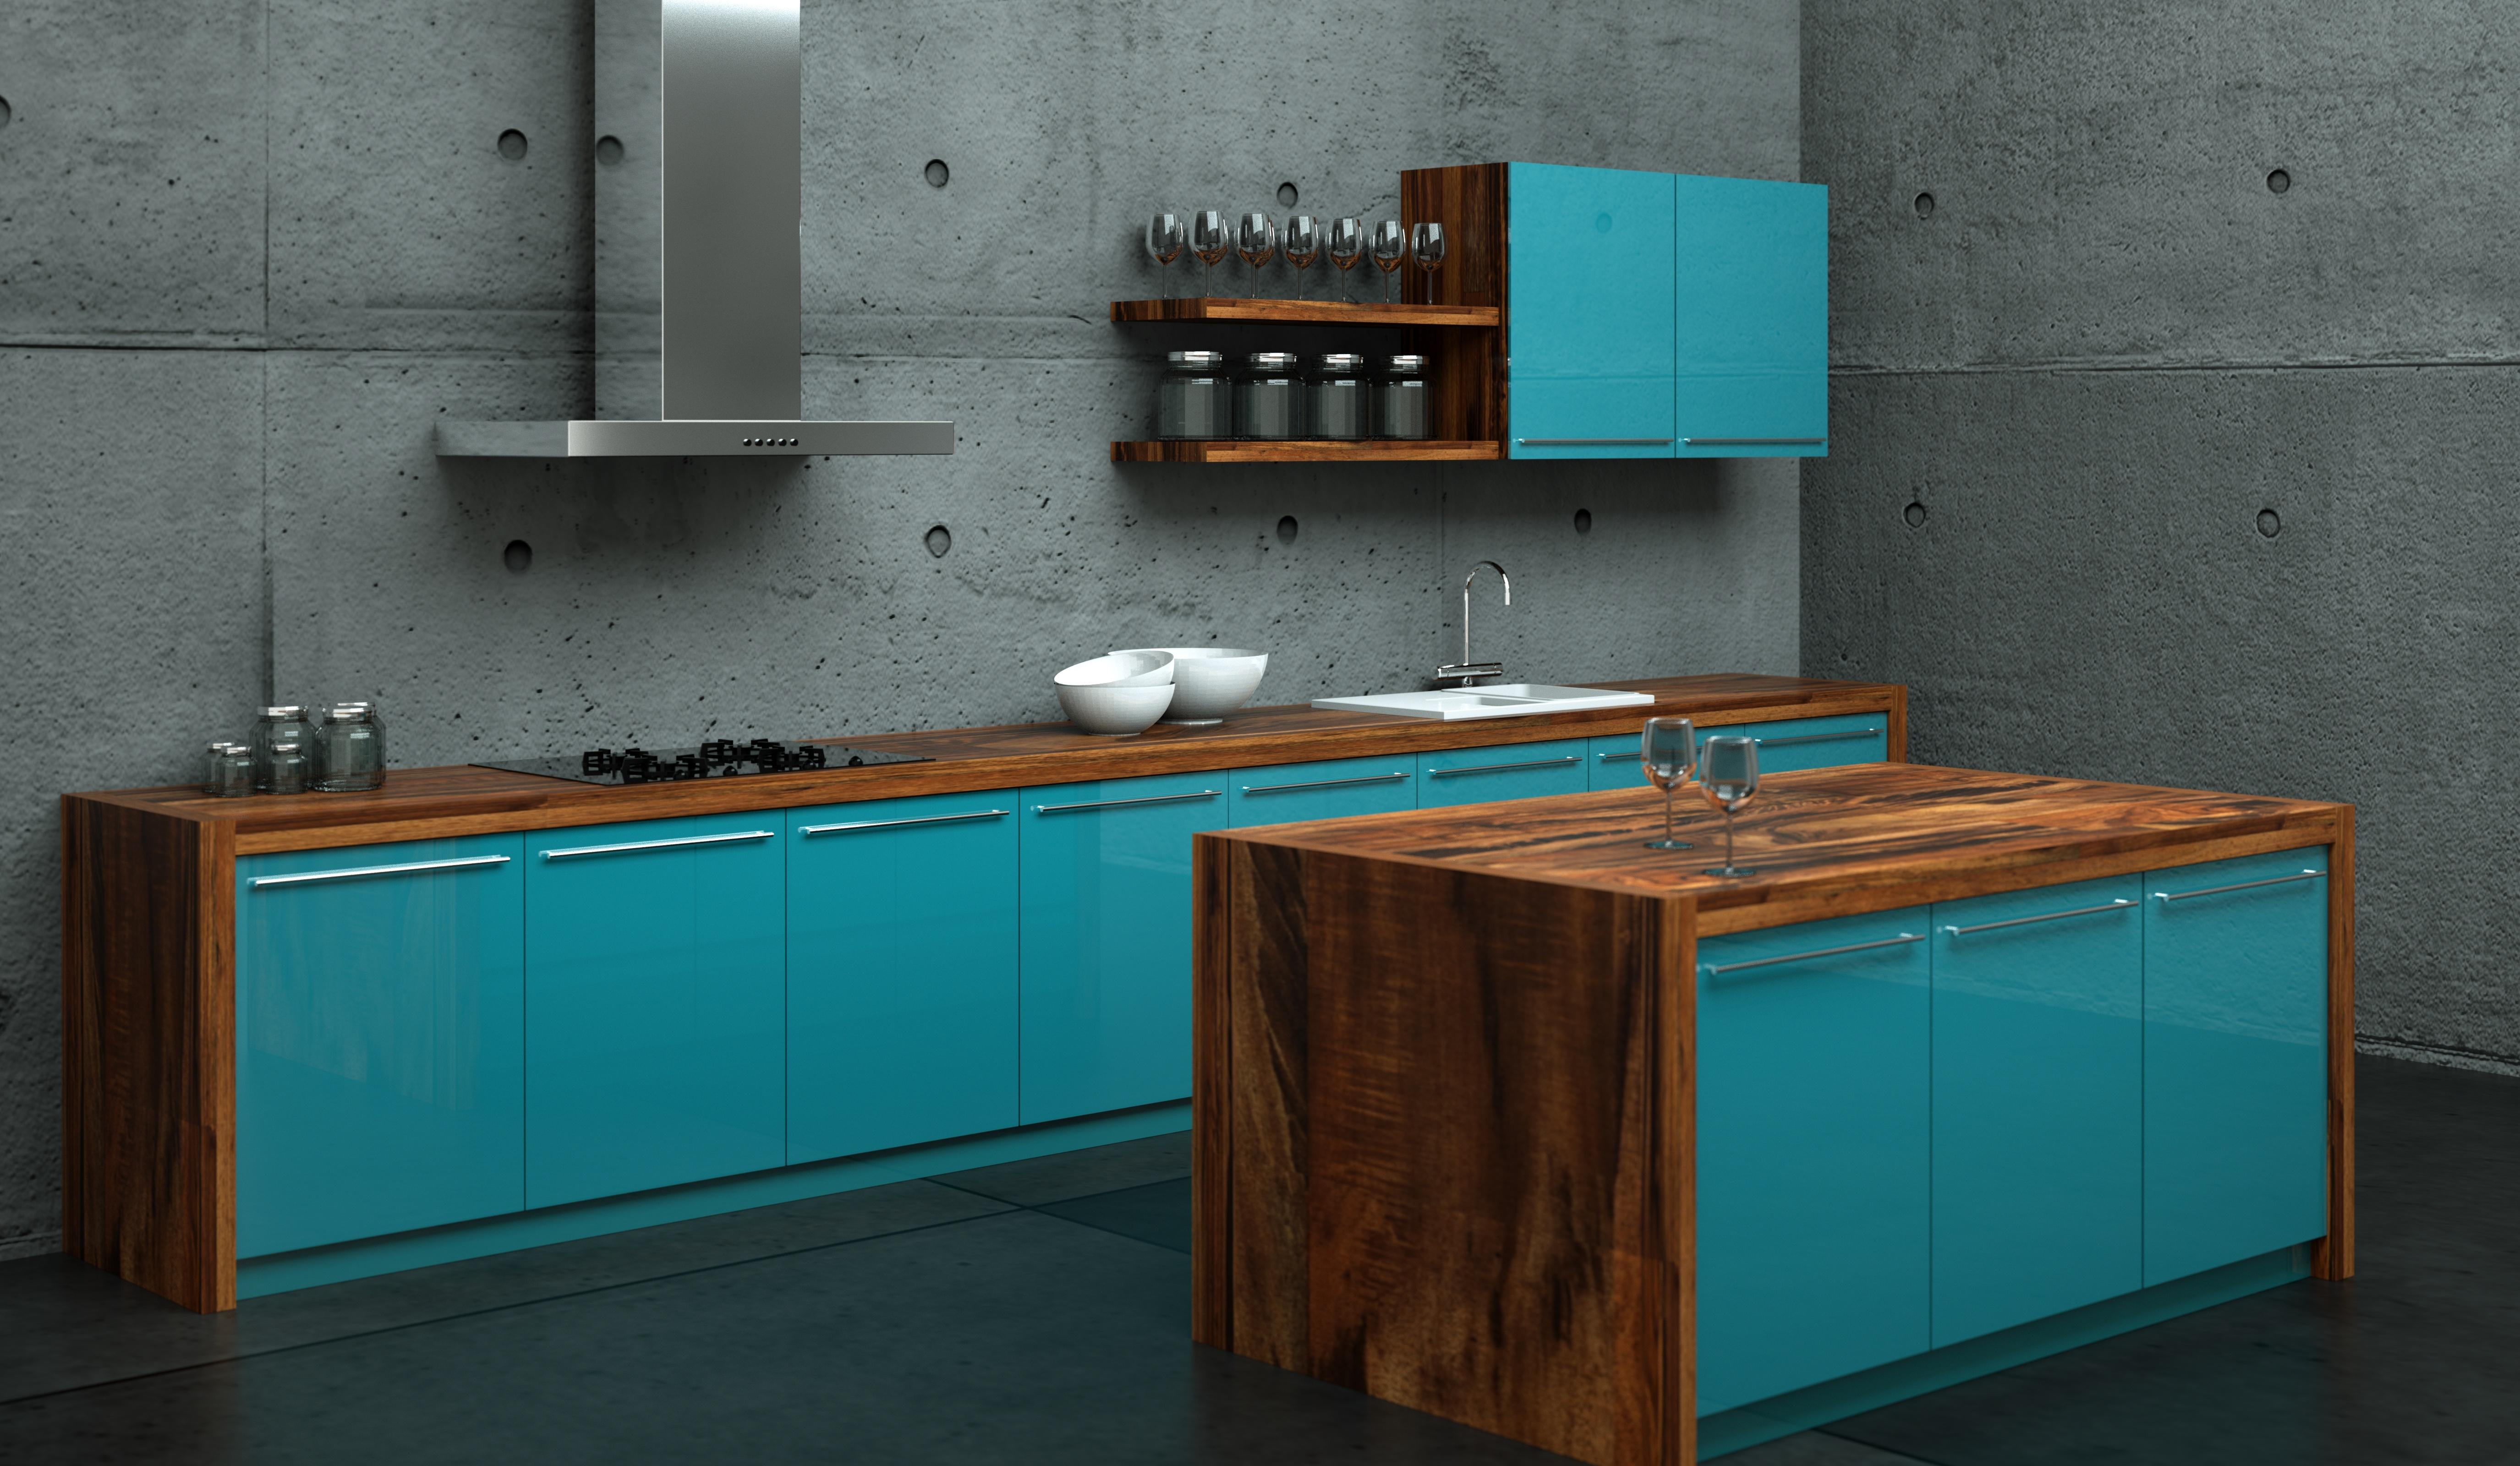 Keuken Renoveren Kosten : gedeeltelijk renoveren van je keuken vereist vakkundigheid de keuken